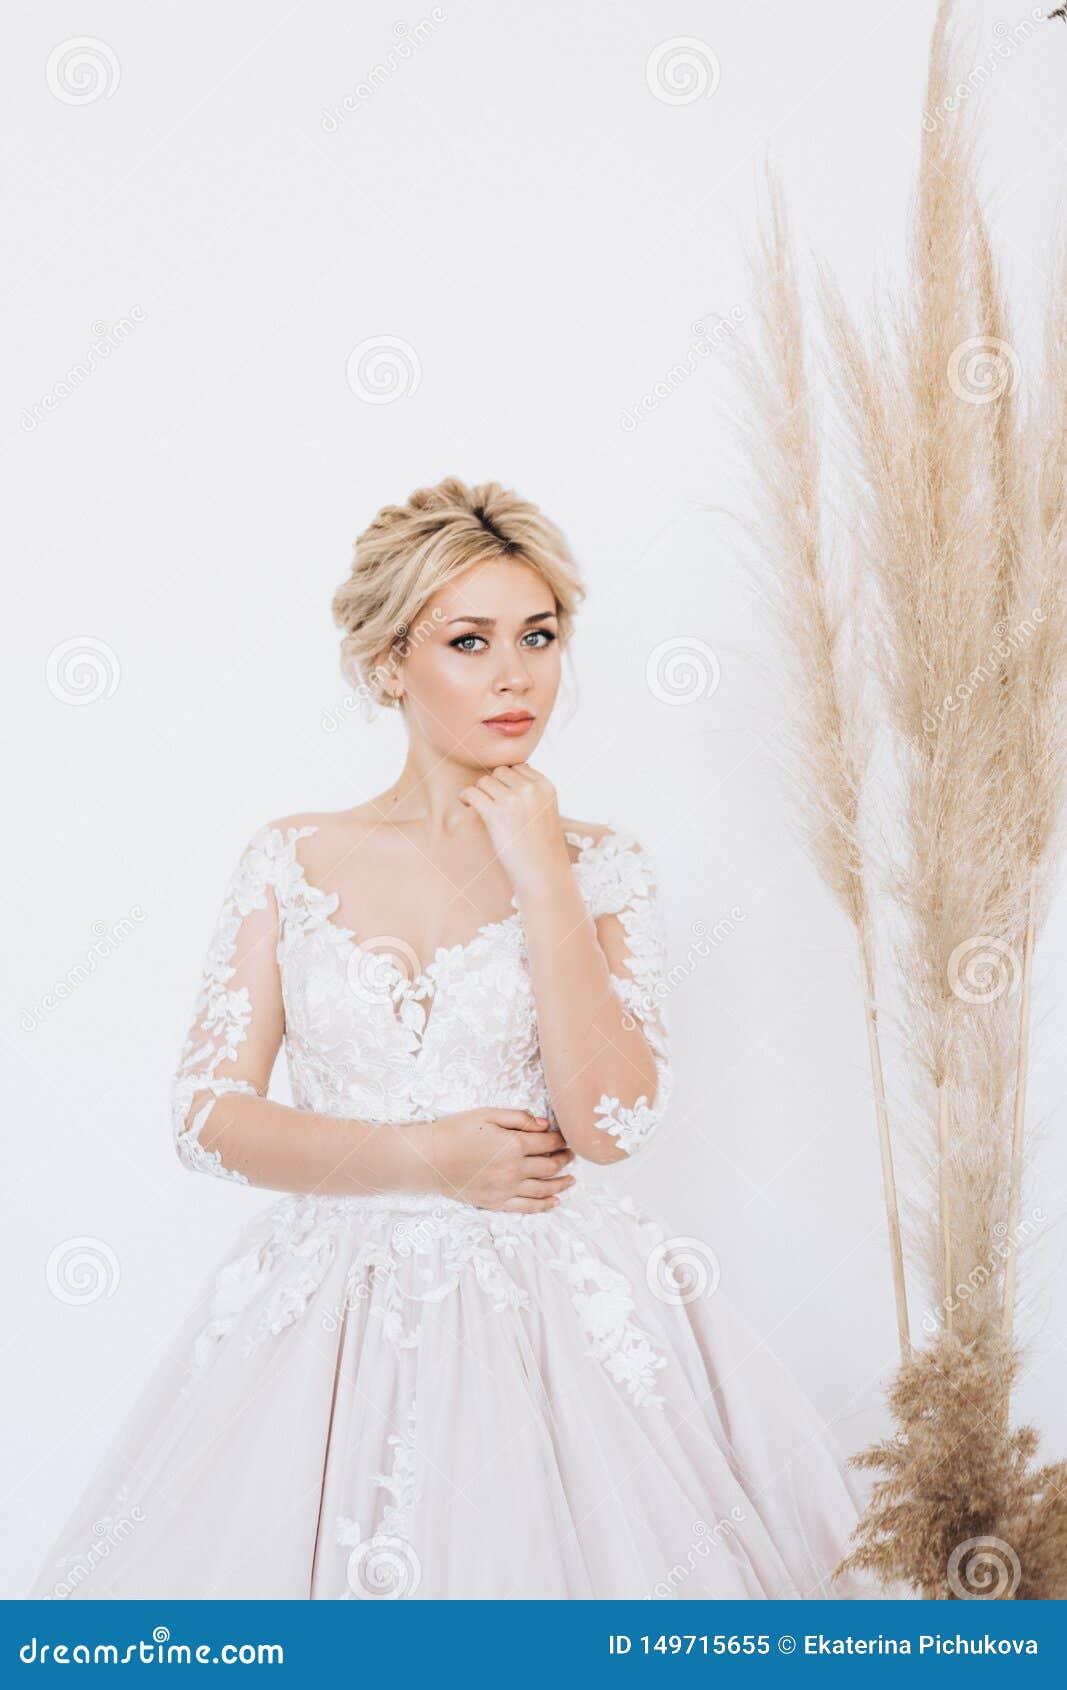 Studioportret van een jong meisje van de bruid met professionele huwelijksmake-up